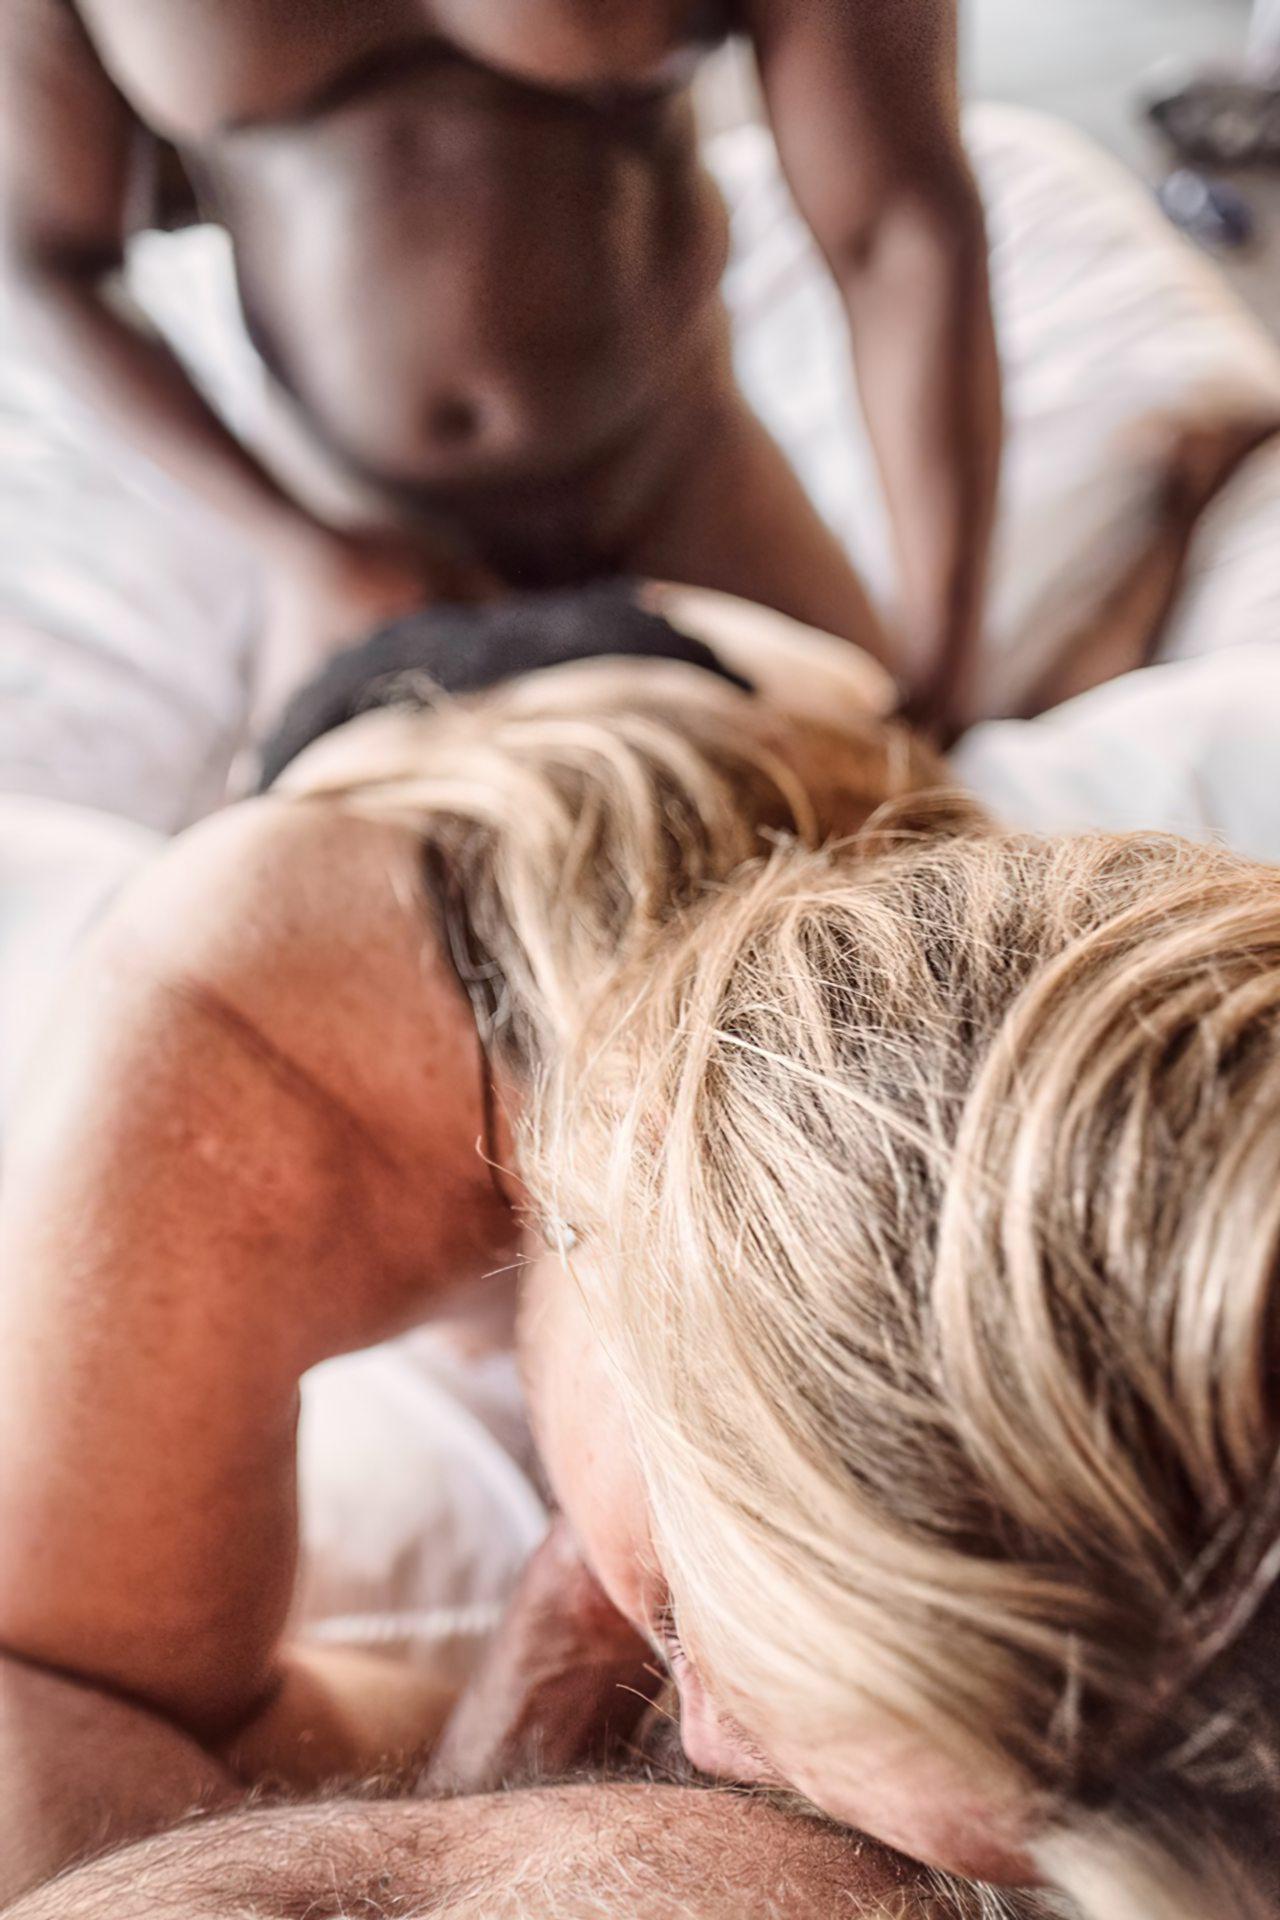 Esposa Transando Negro Dotado Frente do Marido (24)